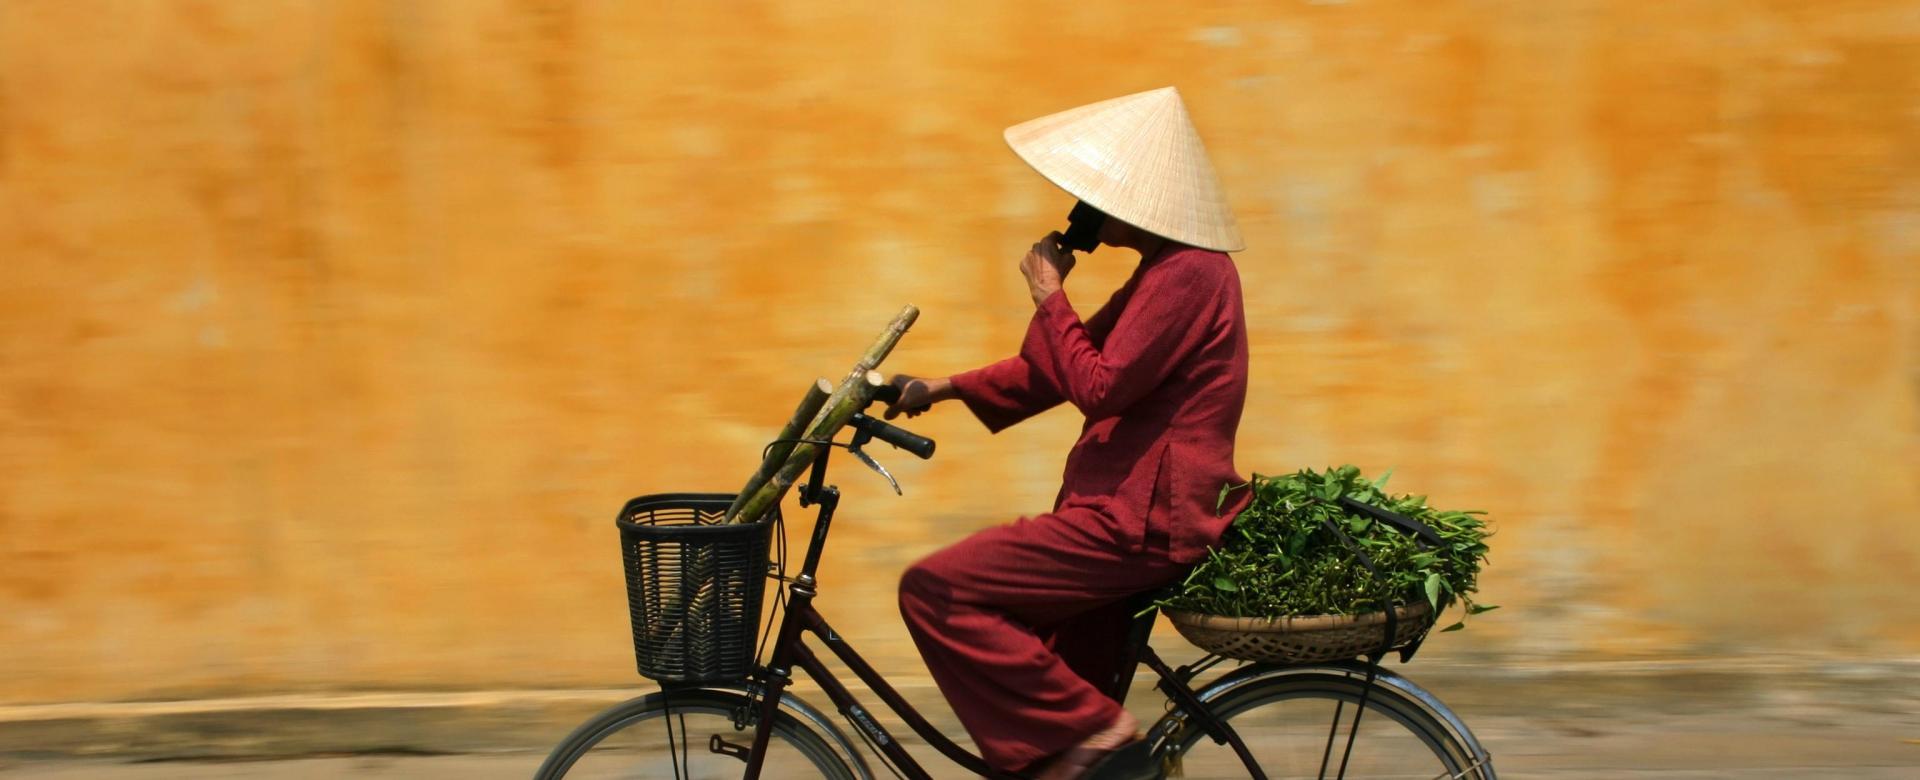 Voyage en véhicule : Les mystères du viêtnam à vélo